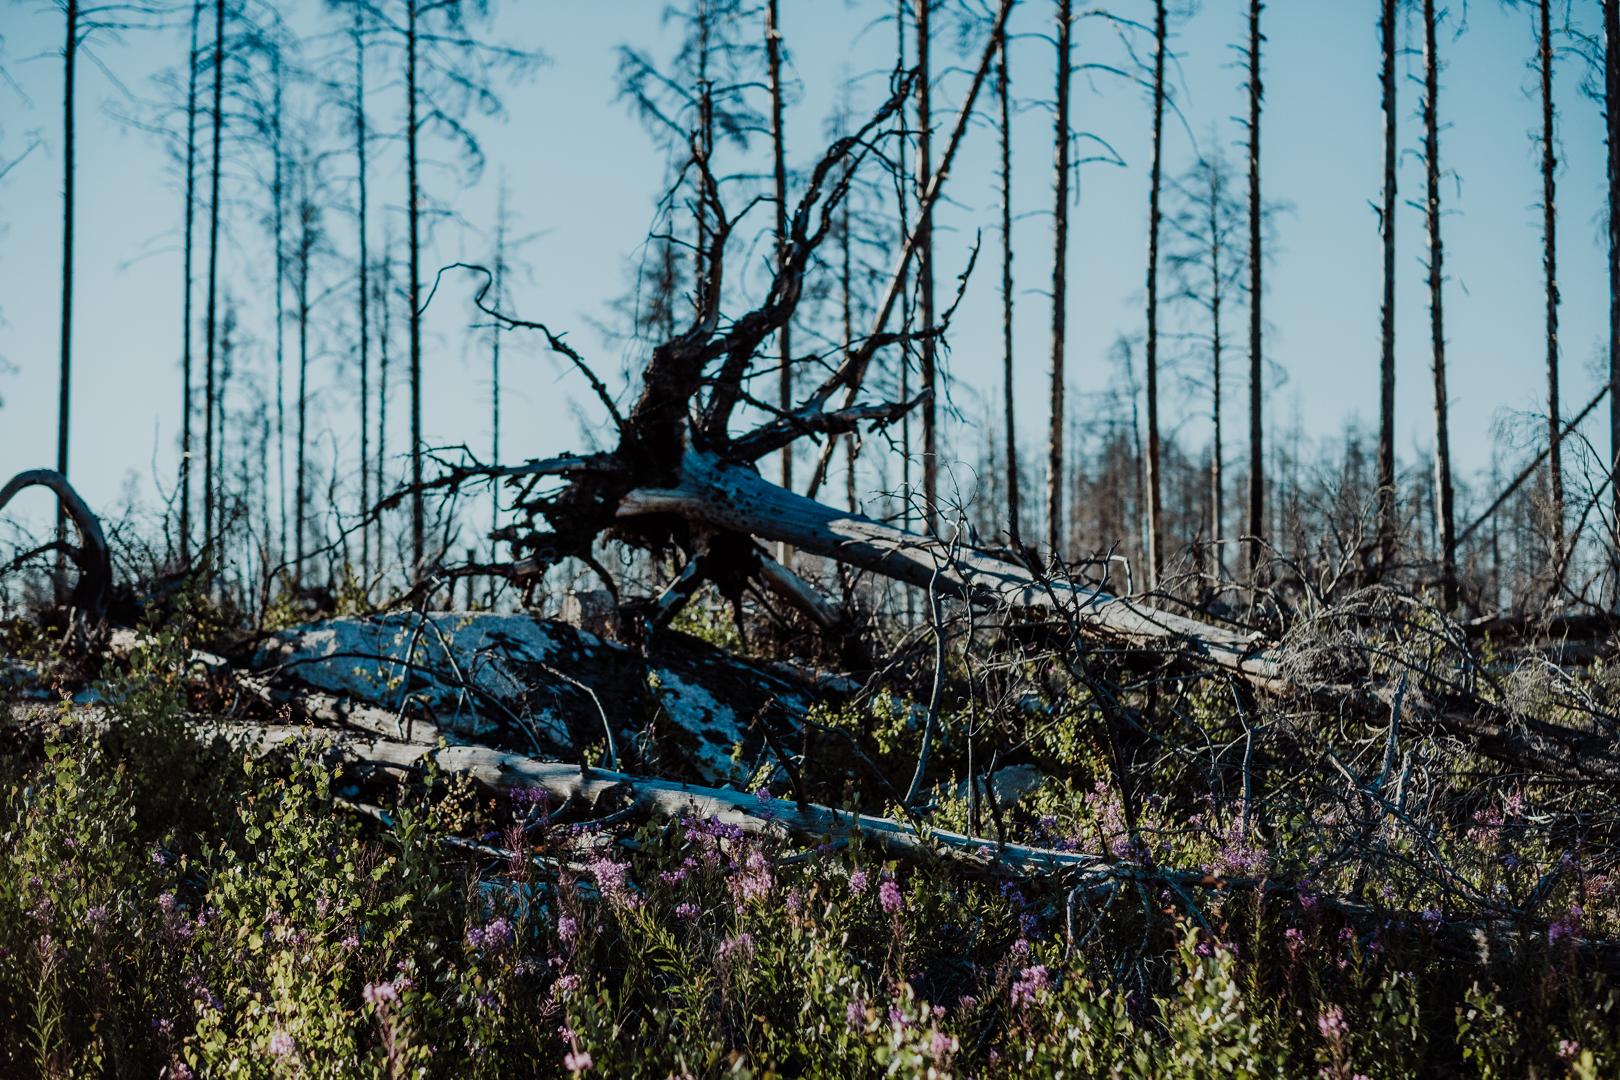 Vandra i Hälleskogsbrännan efter den stora västmanlandsbranden 2014 : Svenska resebloggar : Nordic TB : Fujifilm Nordic : Kvinnliga äventyrare